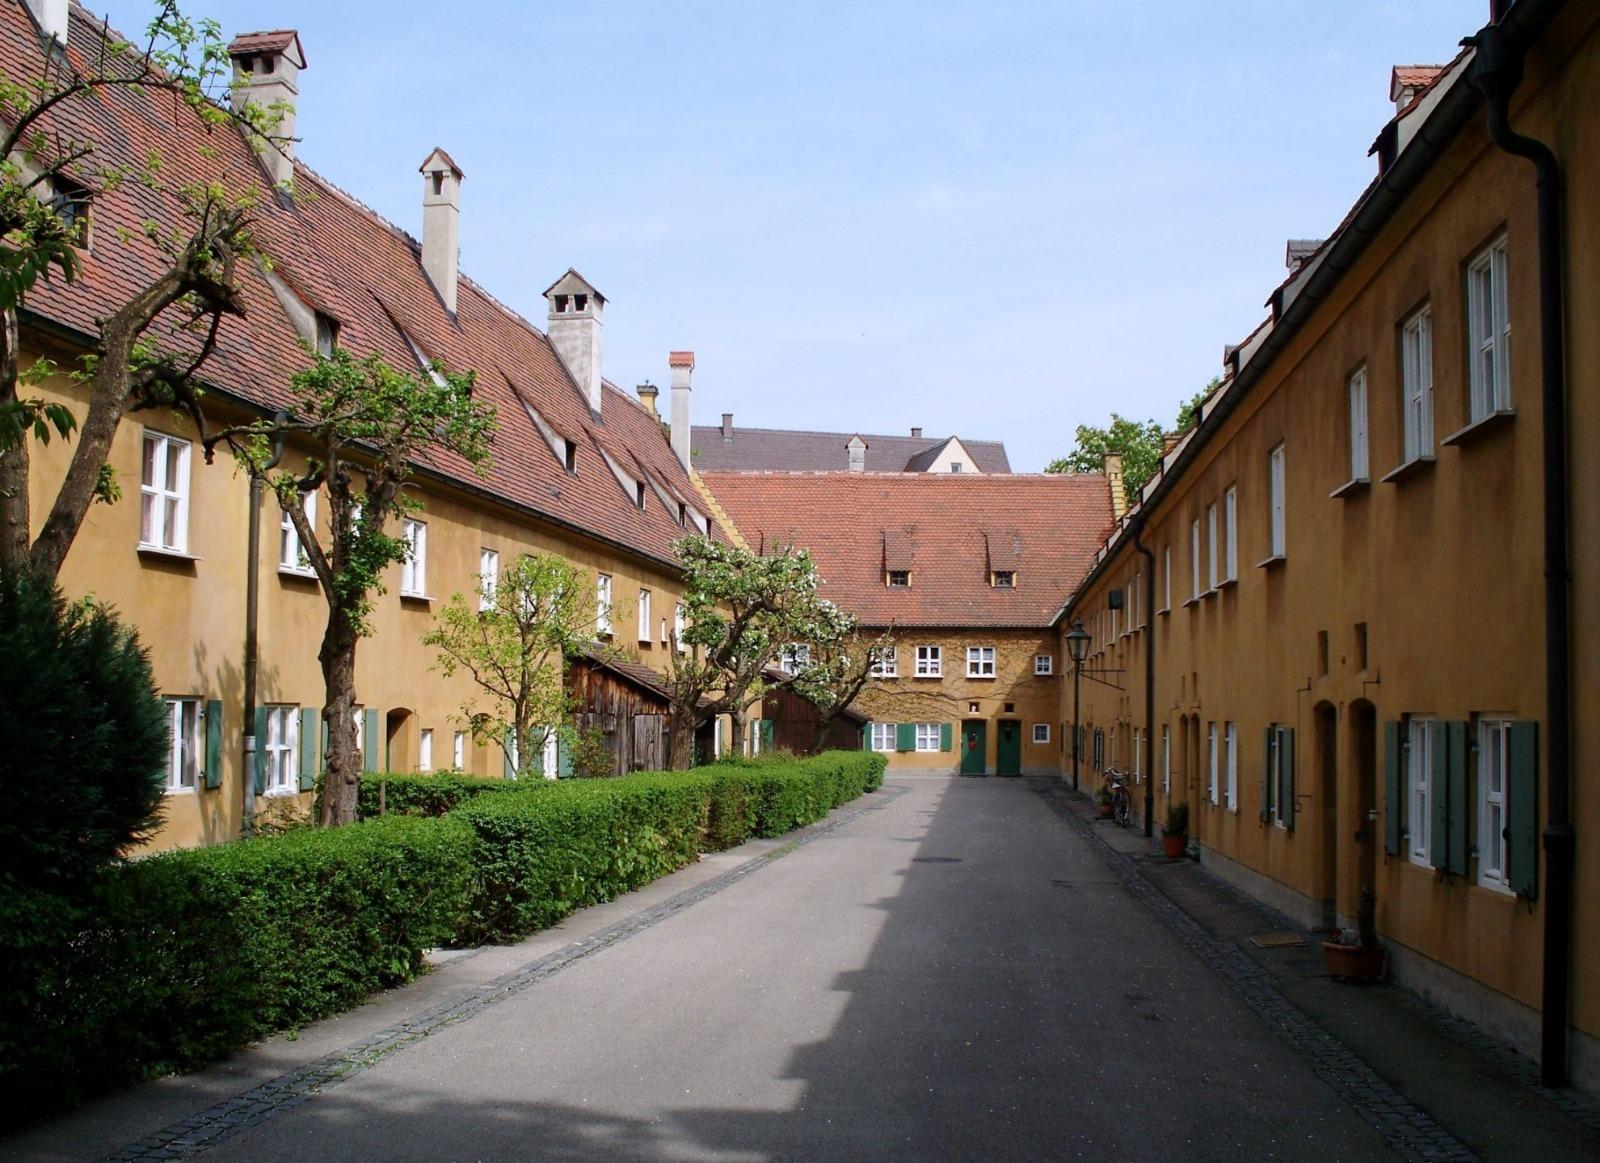 romantischestrasse12-1980x1440-1614865843.jpg